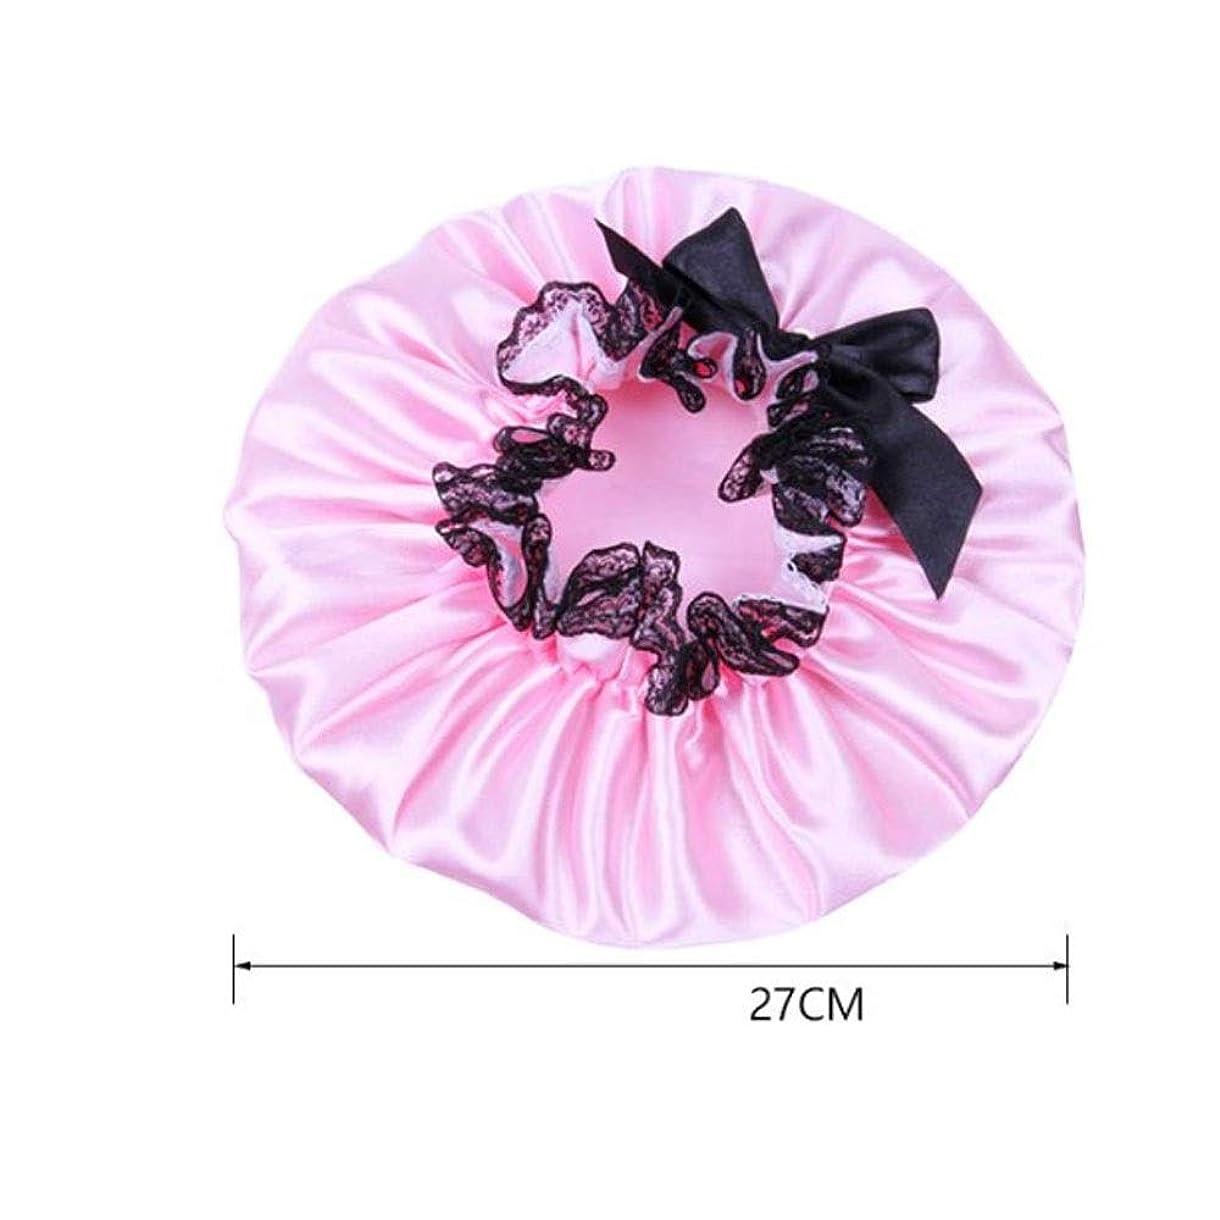 シャワーキャップ、レディースシャワーキャップレディース用のすべての髪の長さと太さのデラックスシャワーキャップ - 防水とカビ防止、再利用可能なシャワーキャップ。 (Color : Pink)